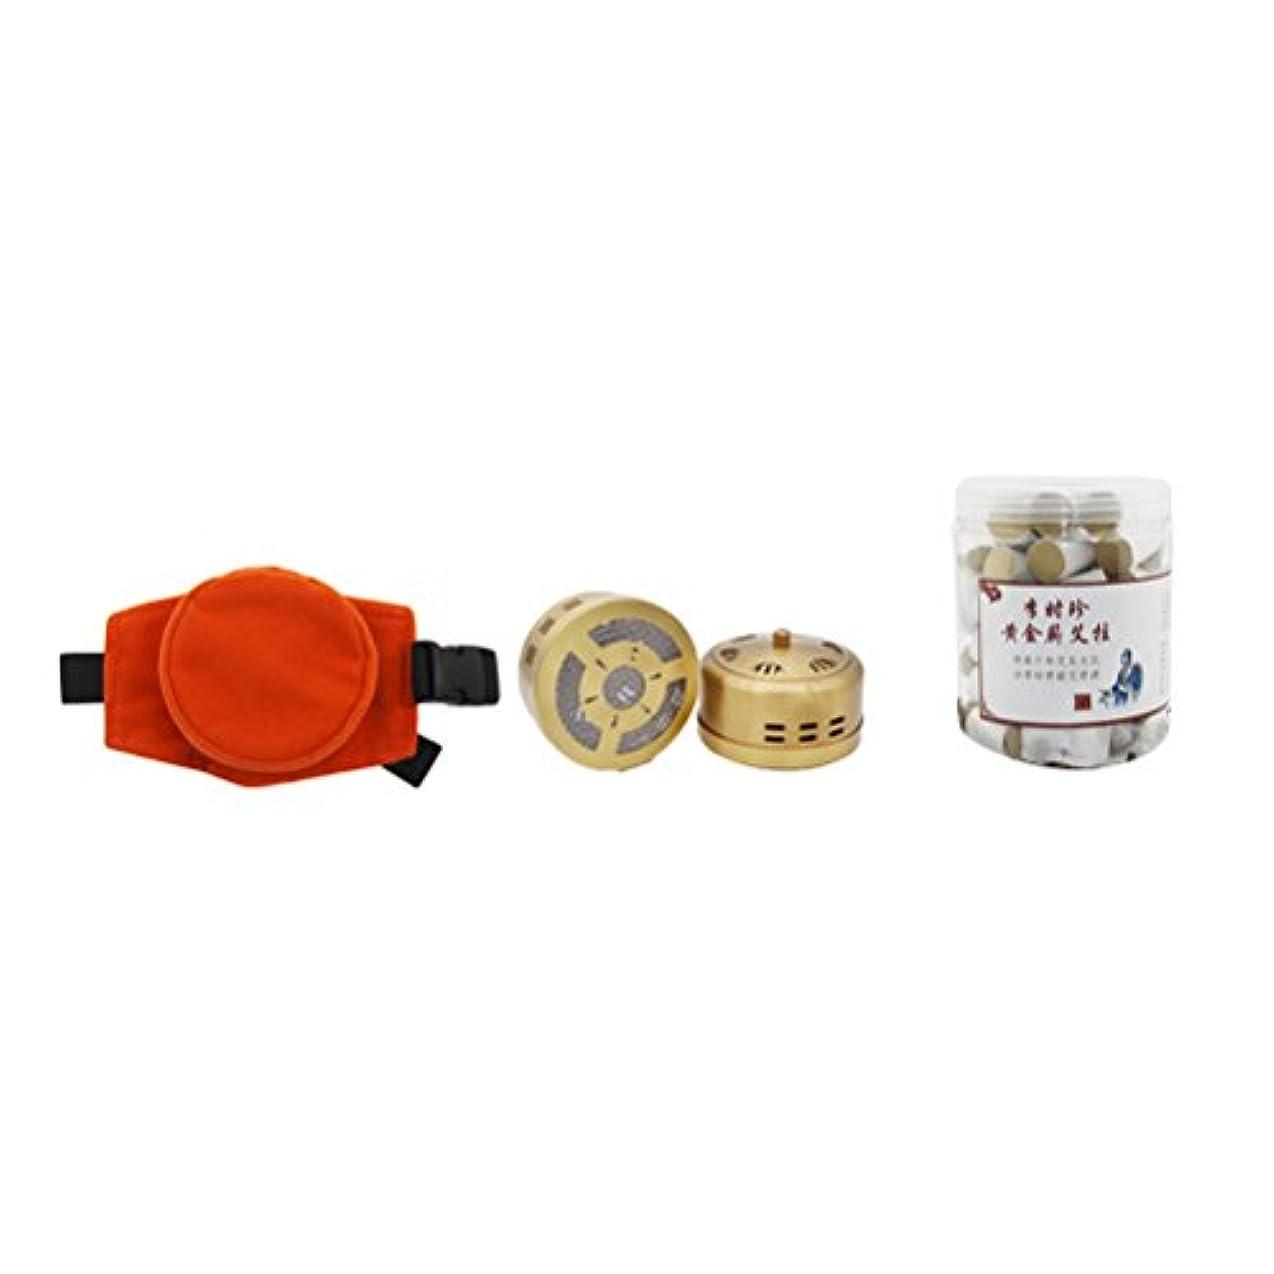 リース専ら憂鬱灸スティックバーナーボックス無煙Moxa清浄器銅タンク調節可能なポケットと60個の腰部頚部の膝関節炎痛み緩和のための灸棒の灸治療の箱